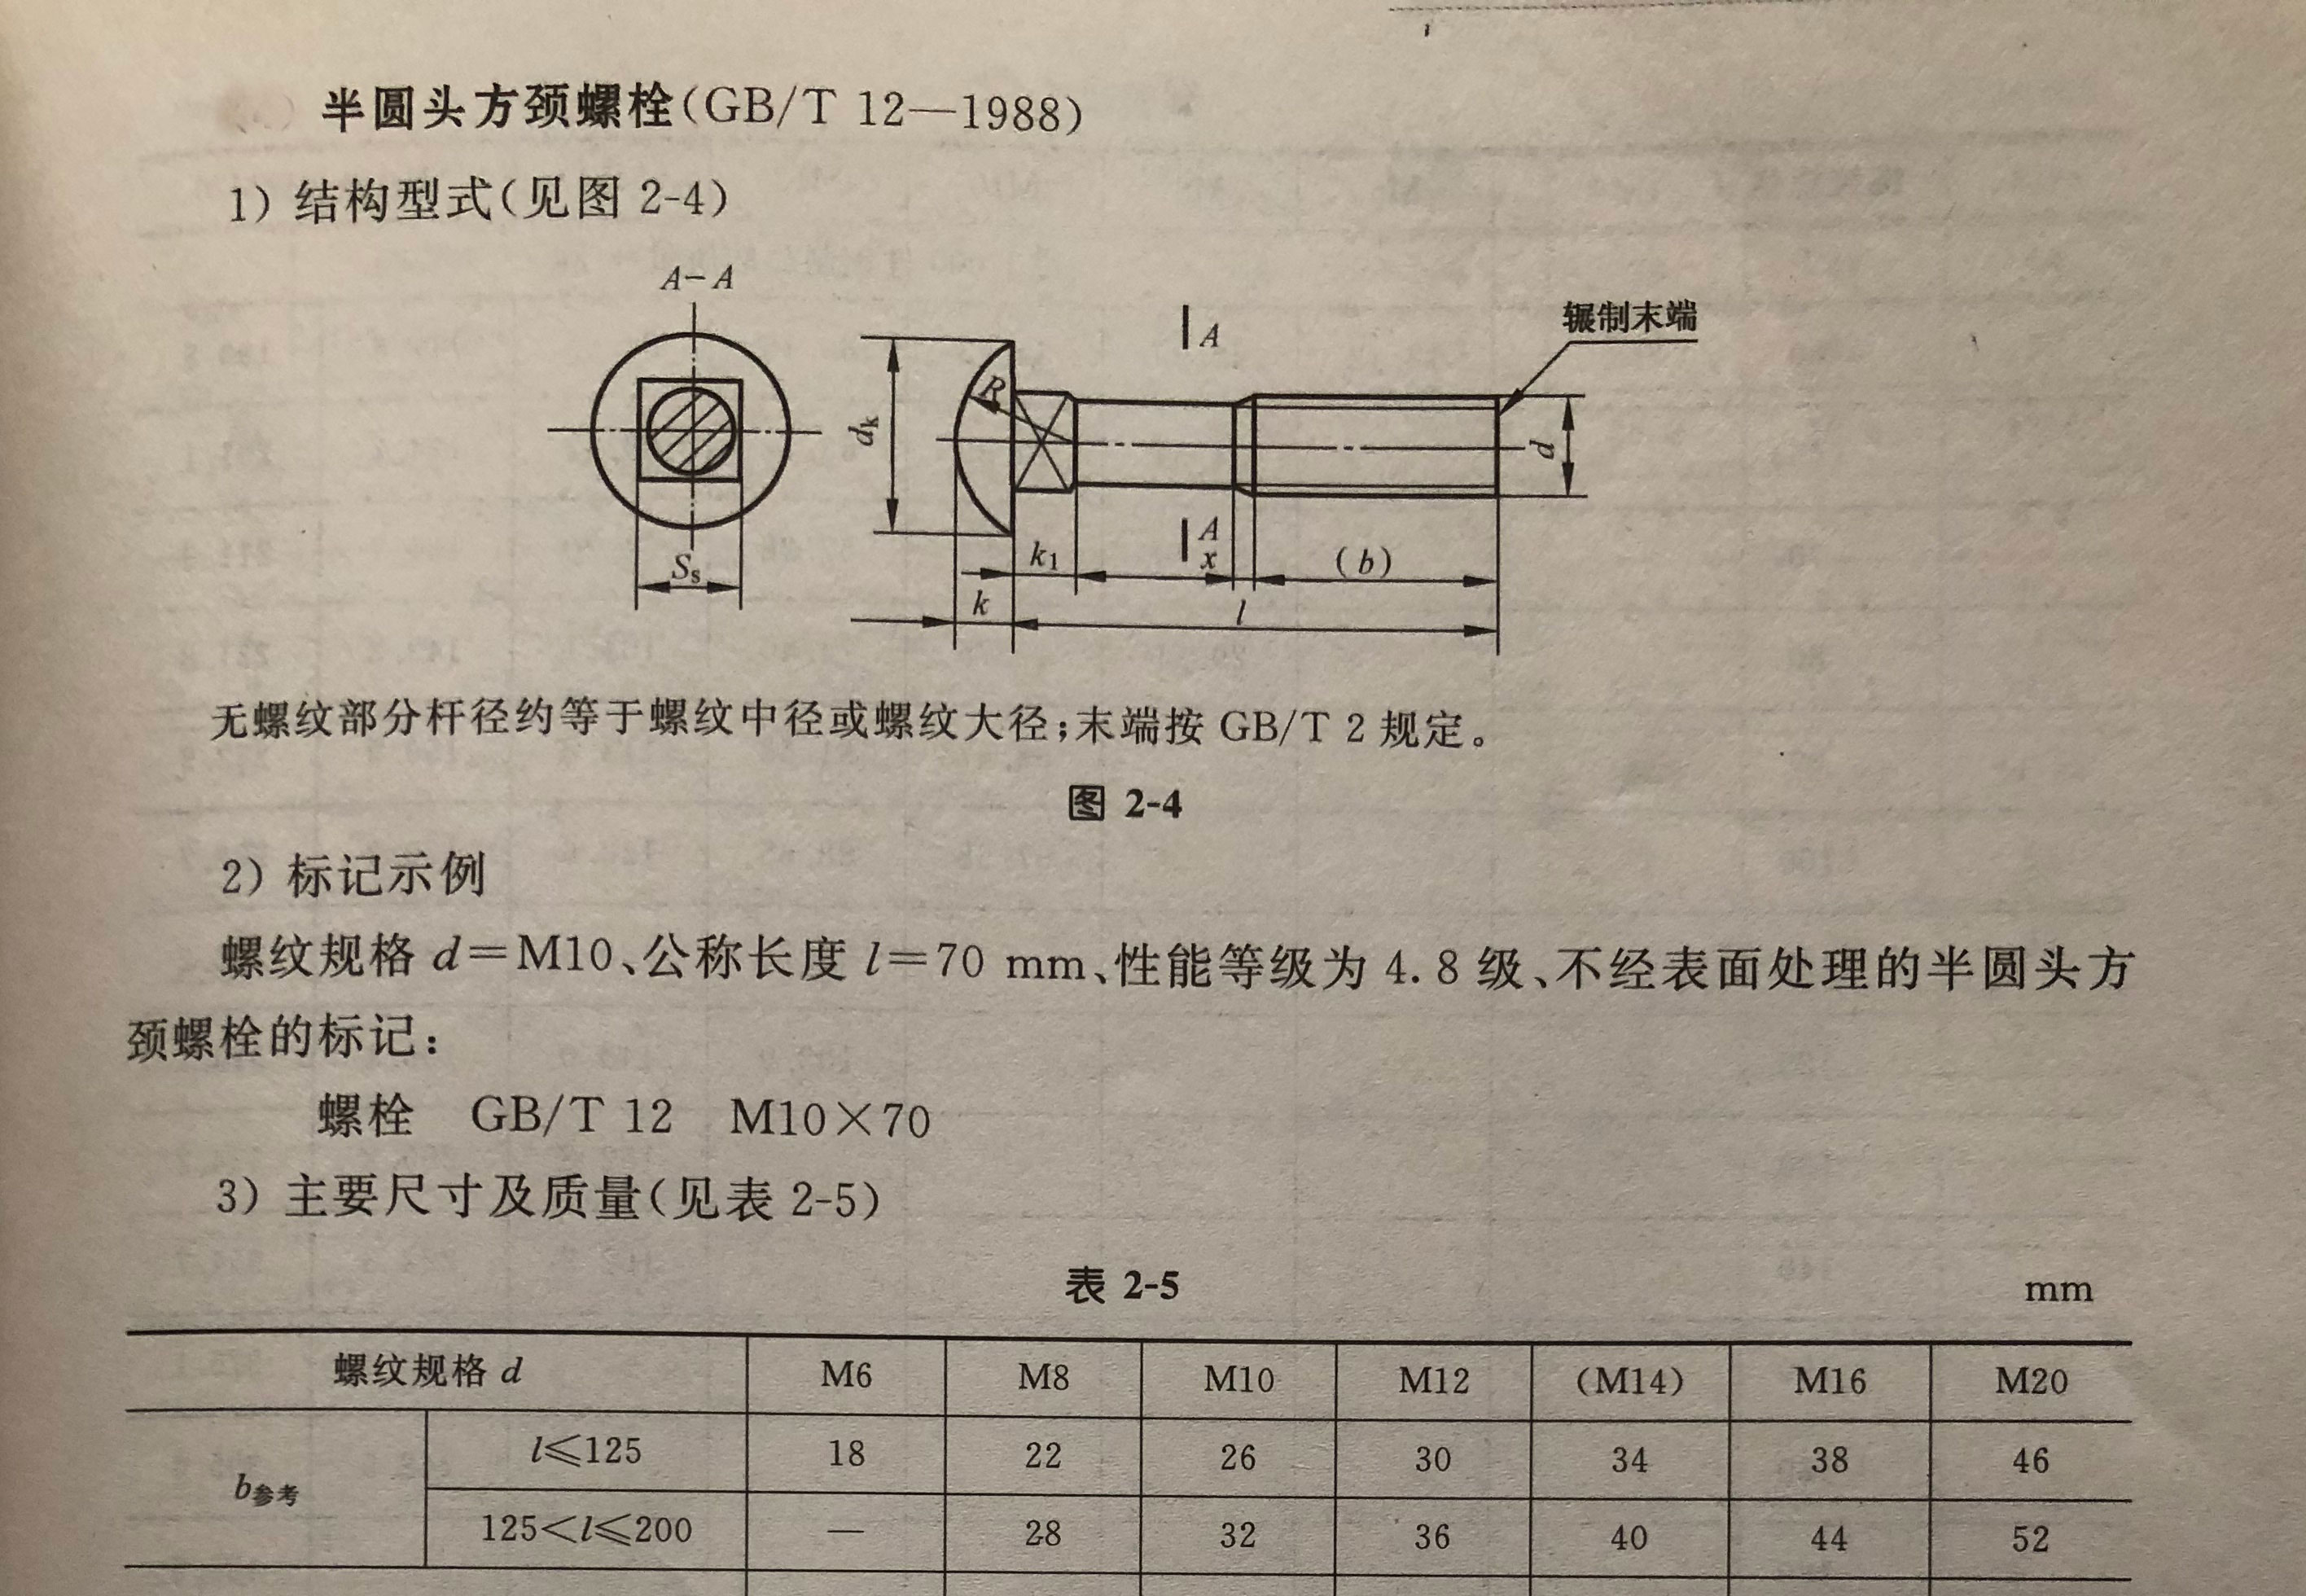 半圆头方颈螺栓-详情1_01